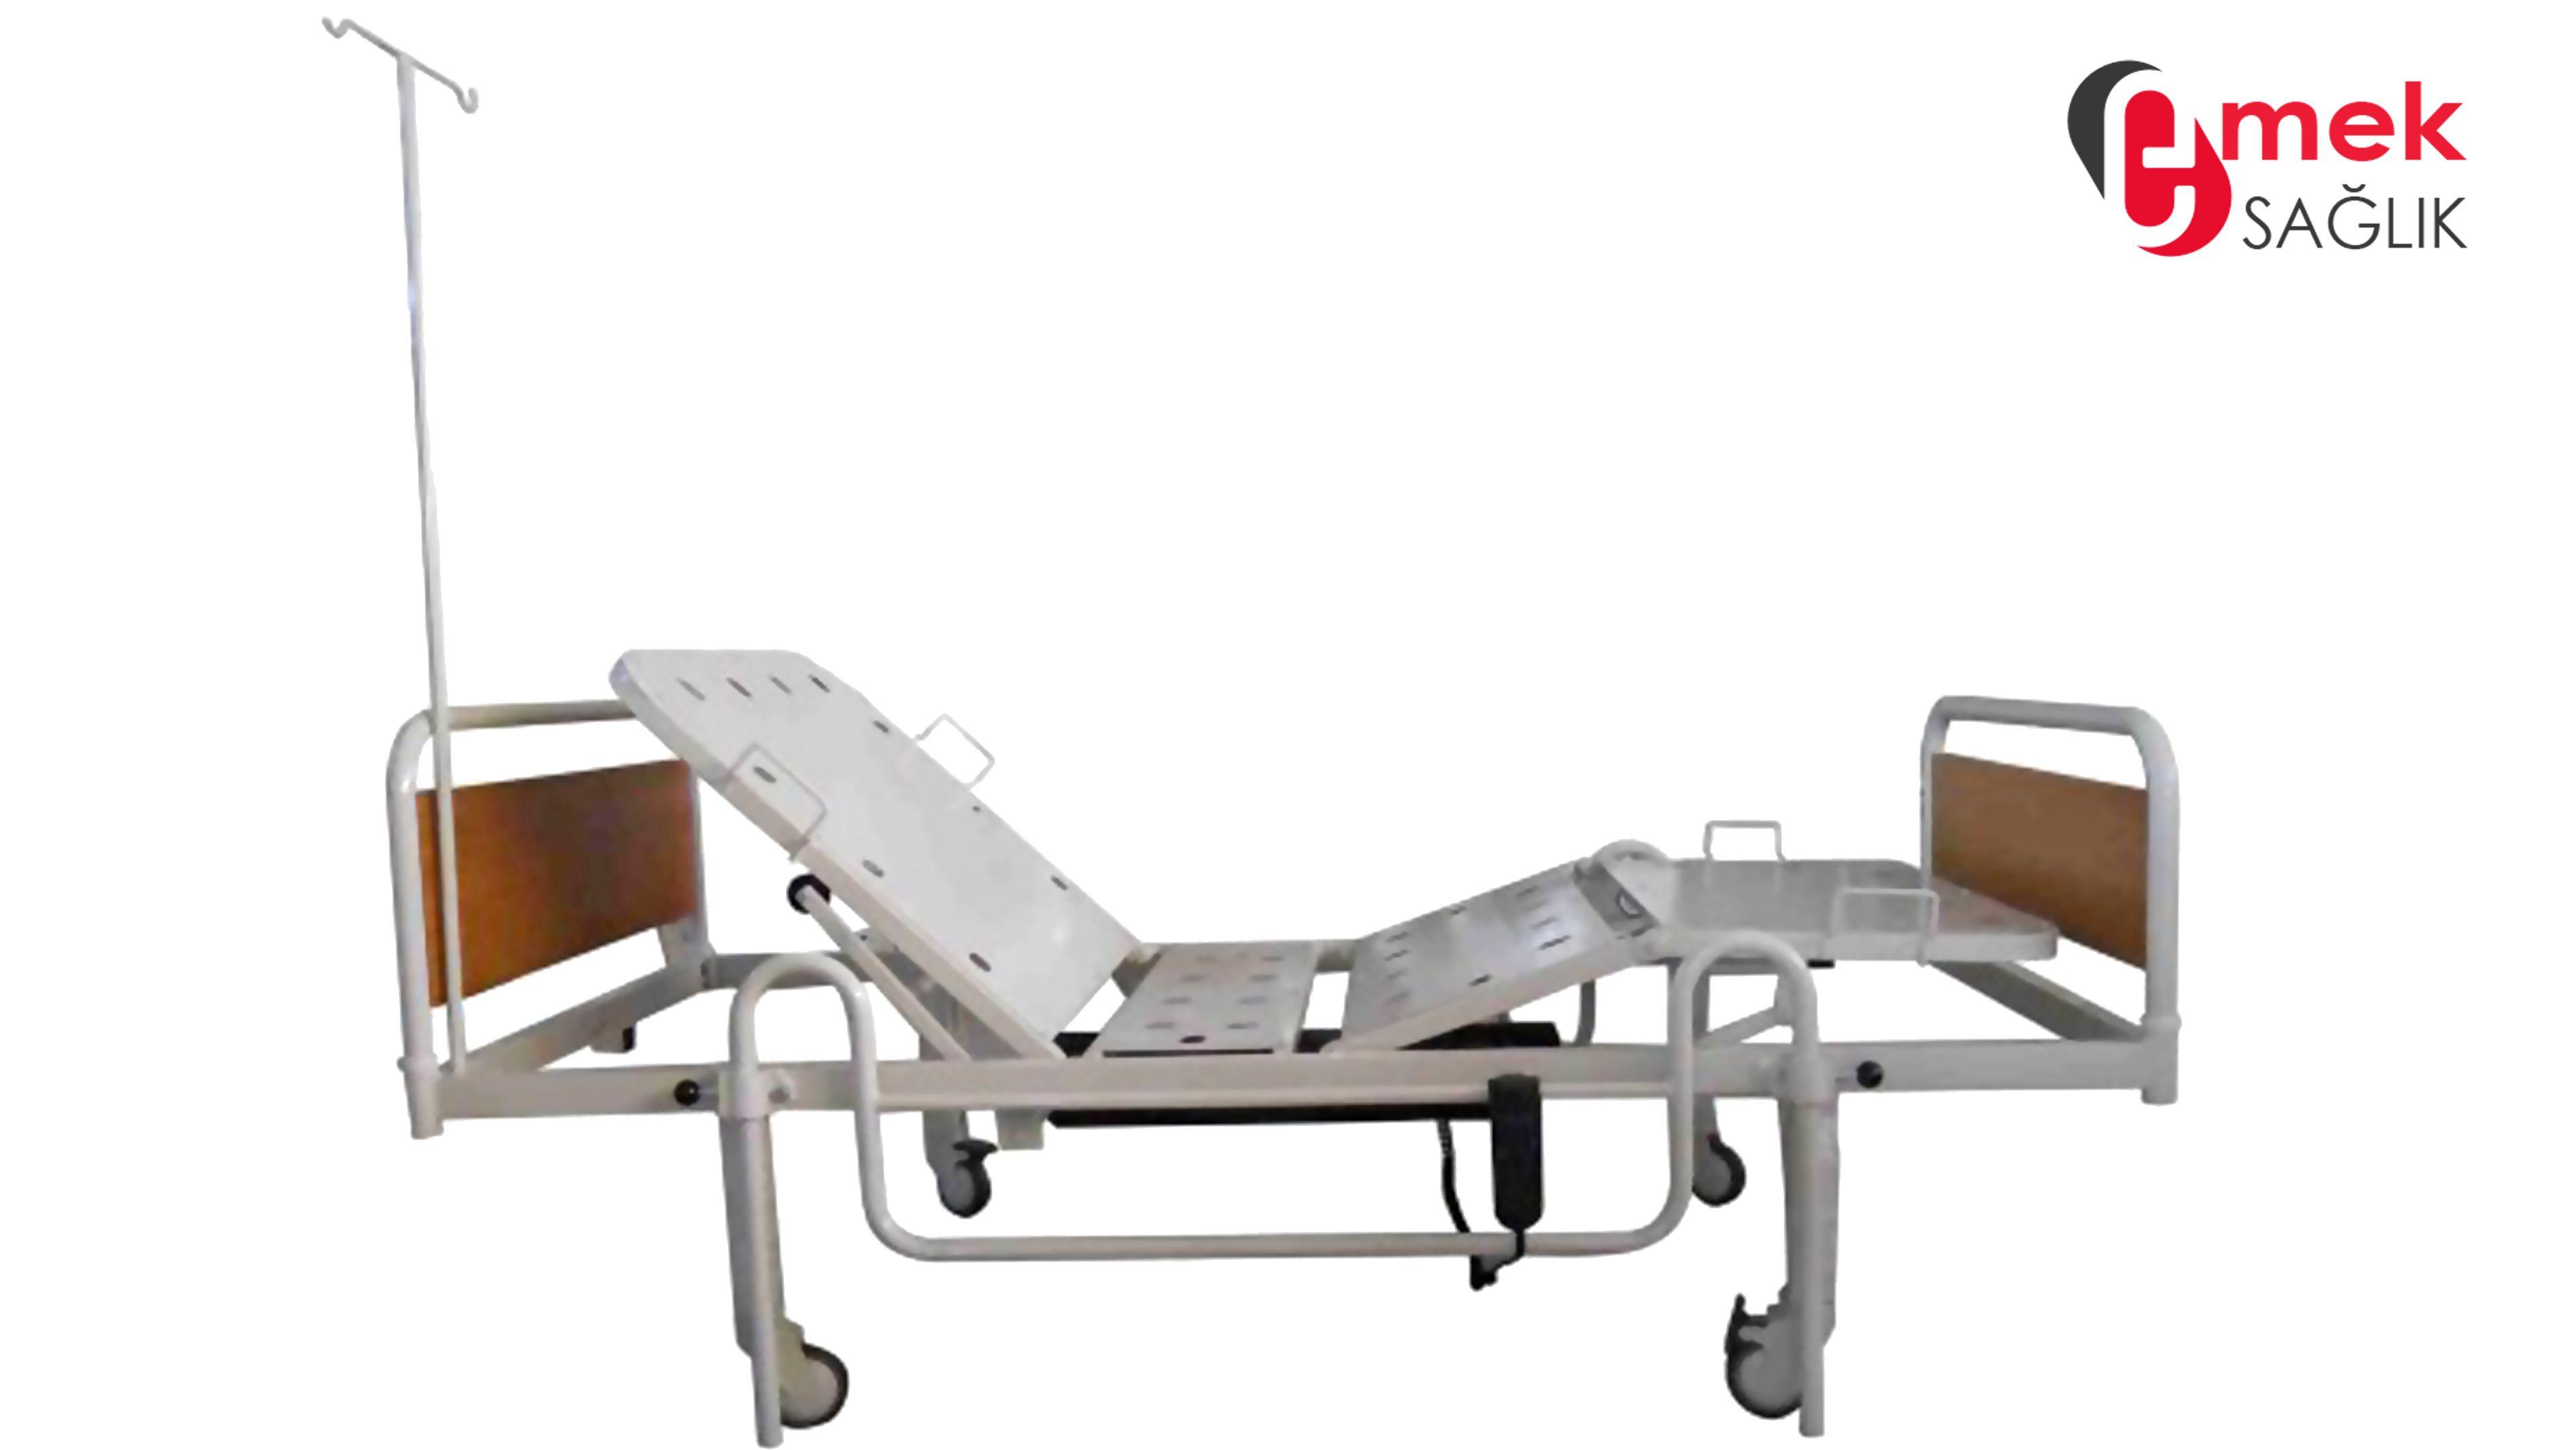 Kiralık 2 motorlu hasta karyolası Karyola, Ürünler, Yatak